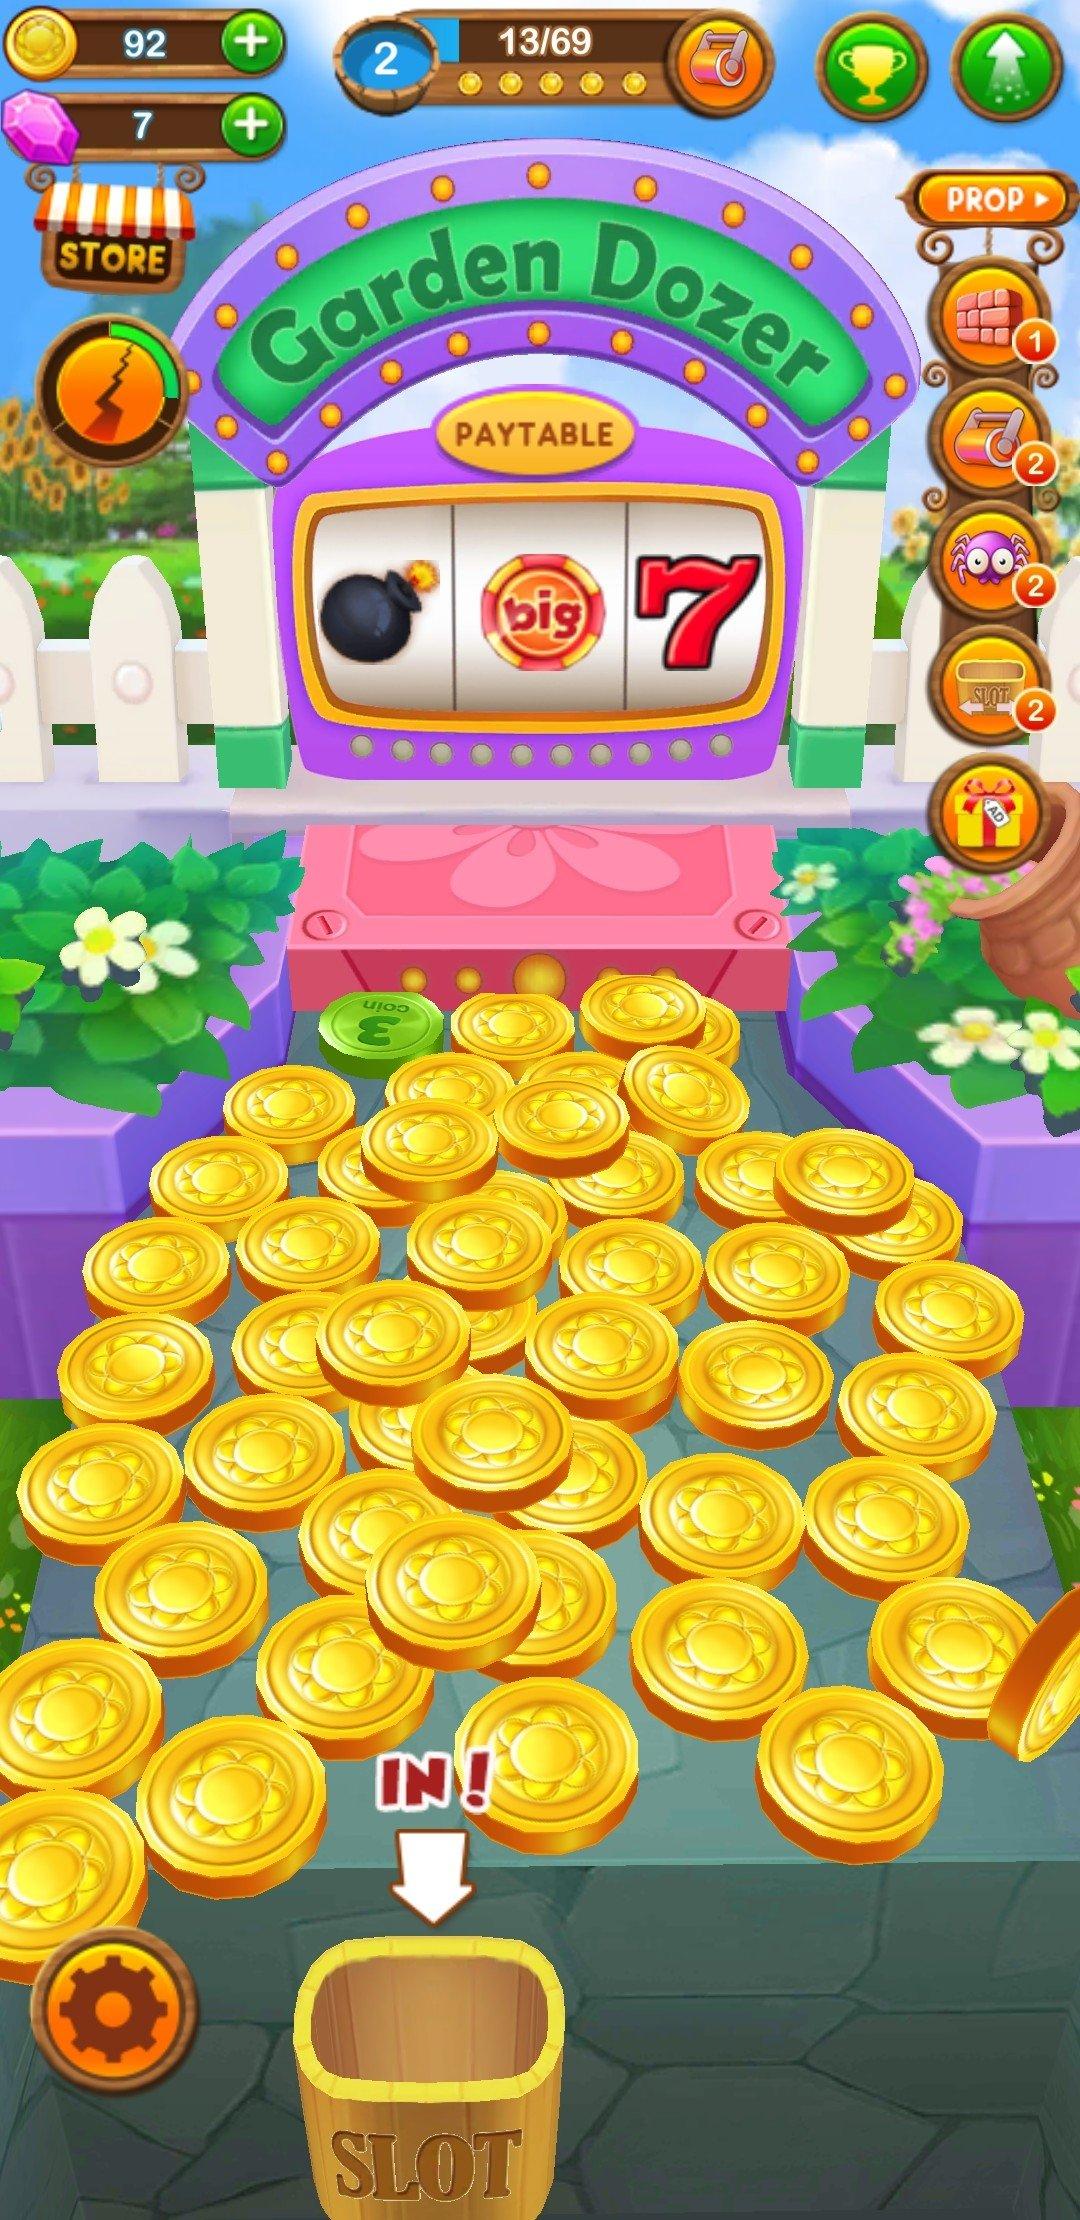 Coin Mania: Garden Dozer Android image 5